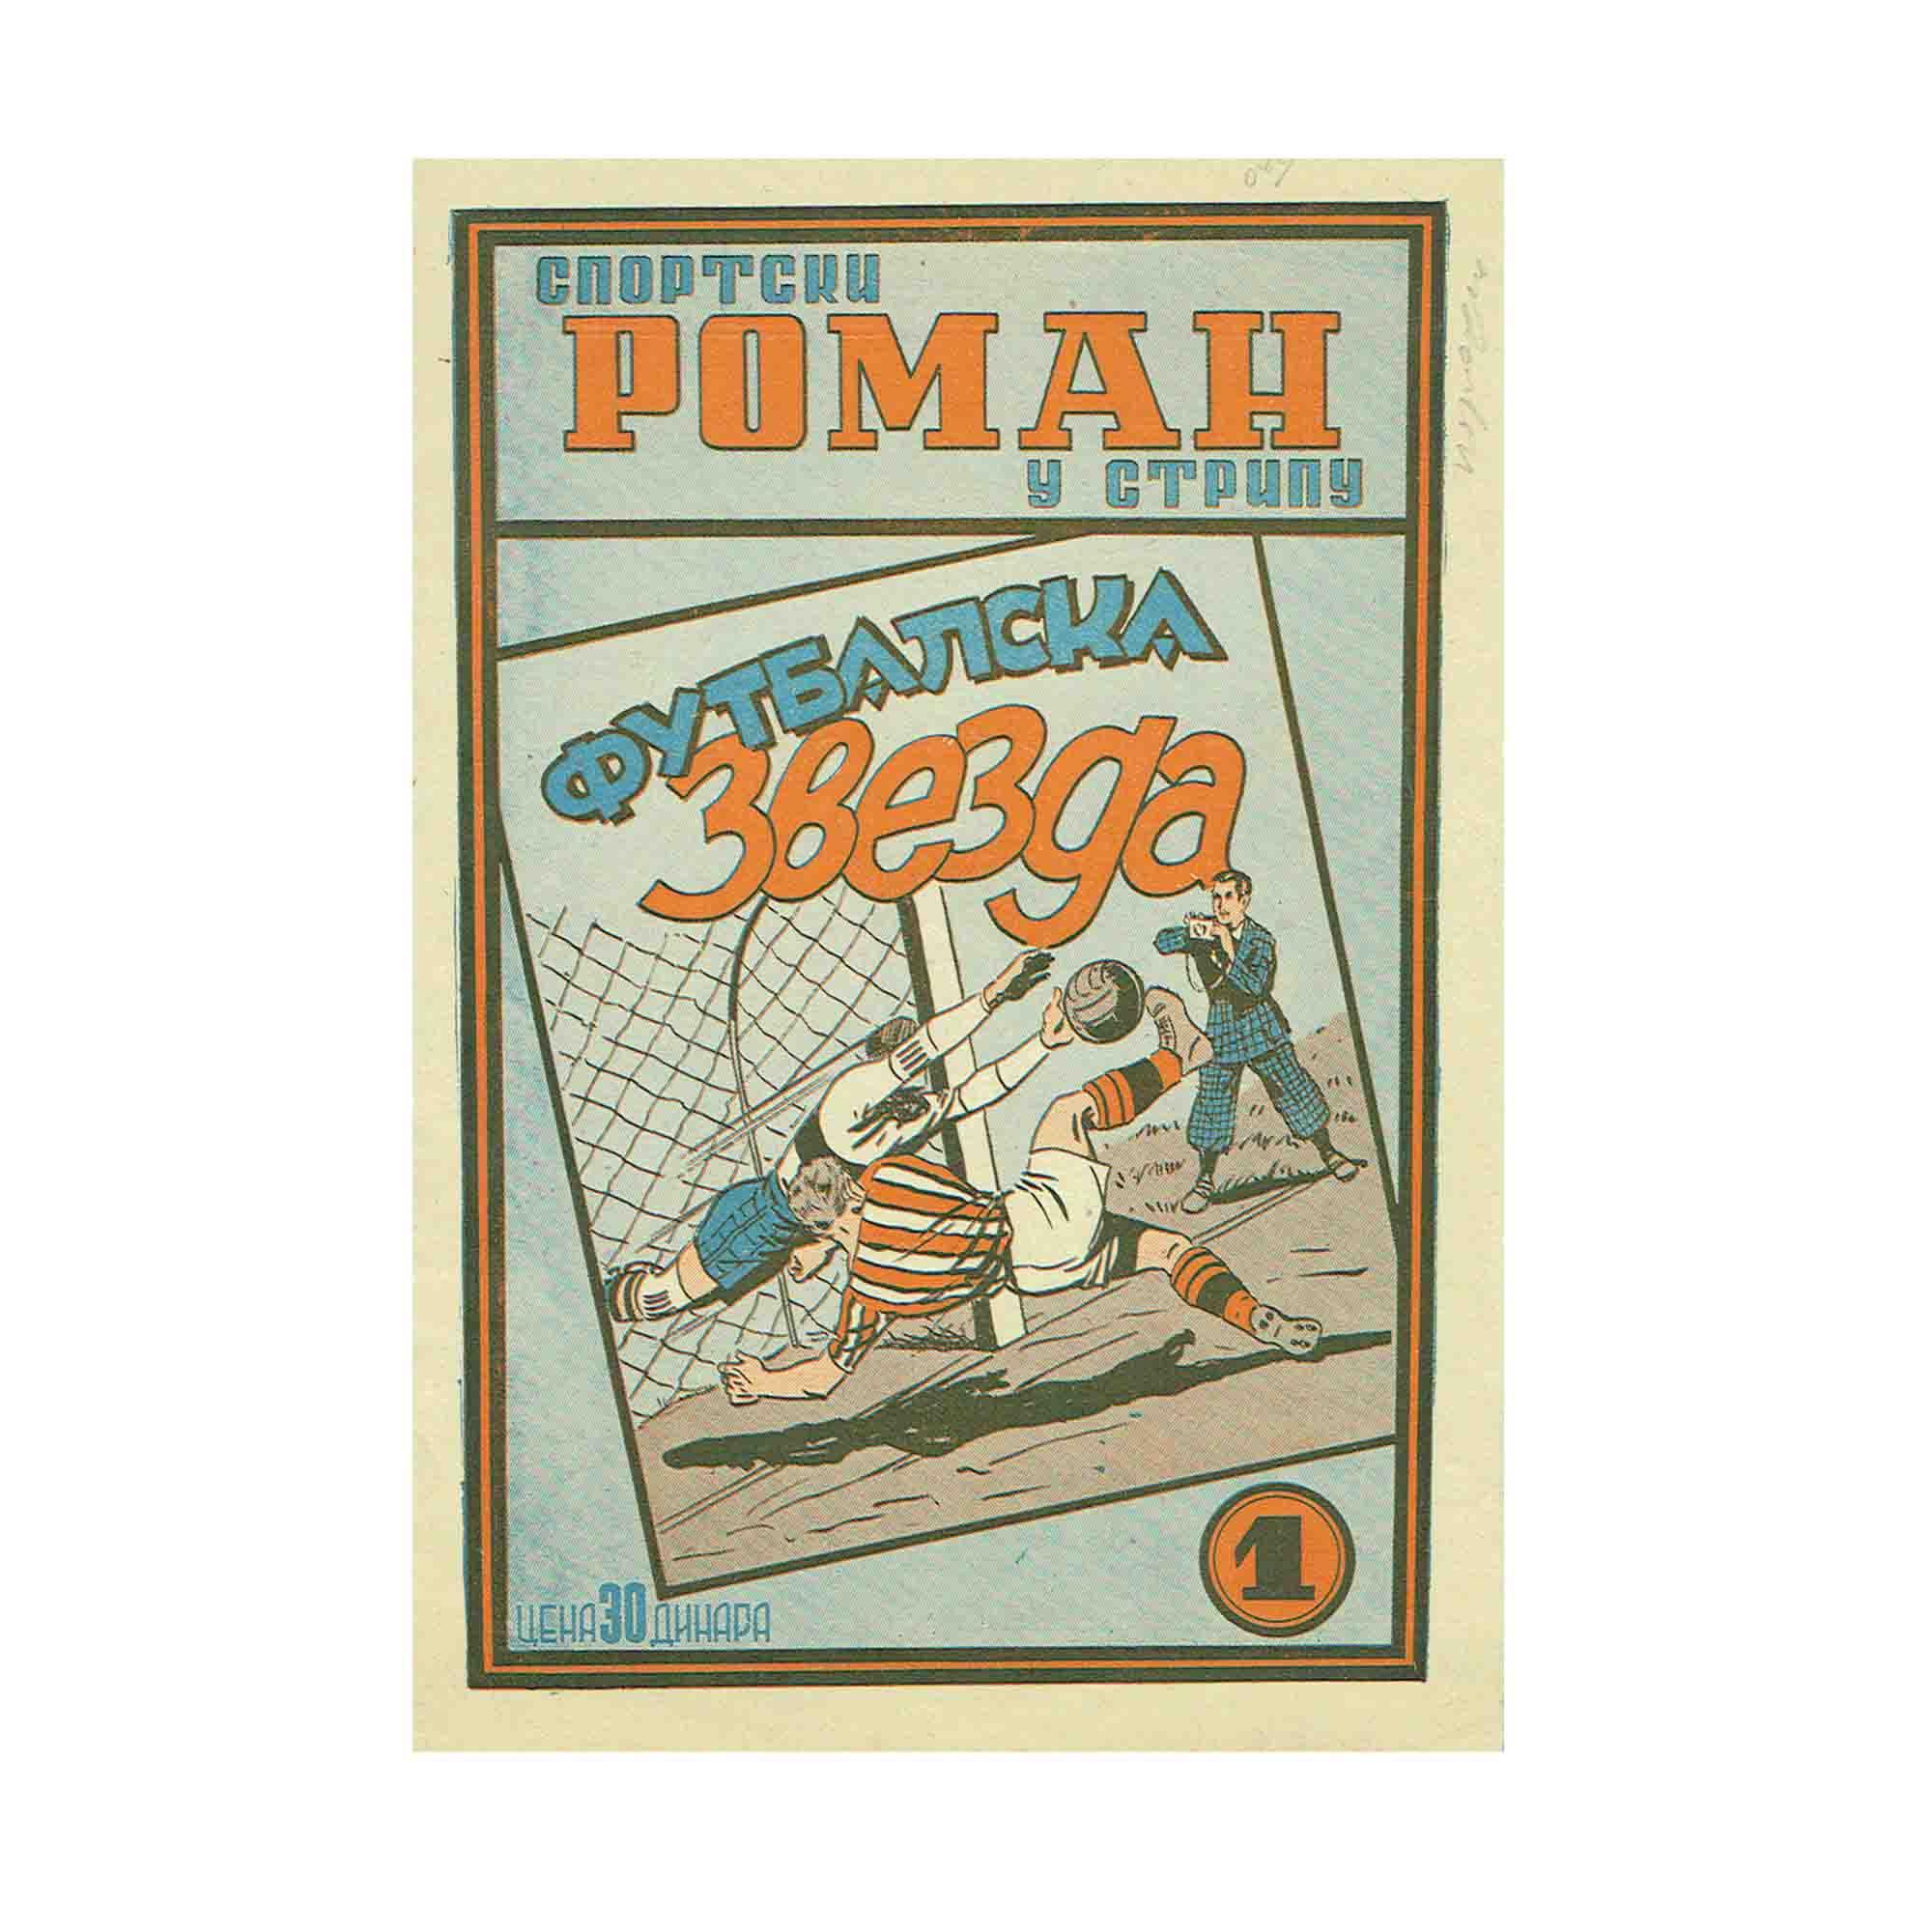 5385-Ebner-Futbalska-Zvezda-1954-Cover-N.jpeg